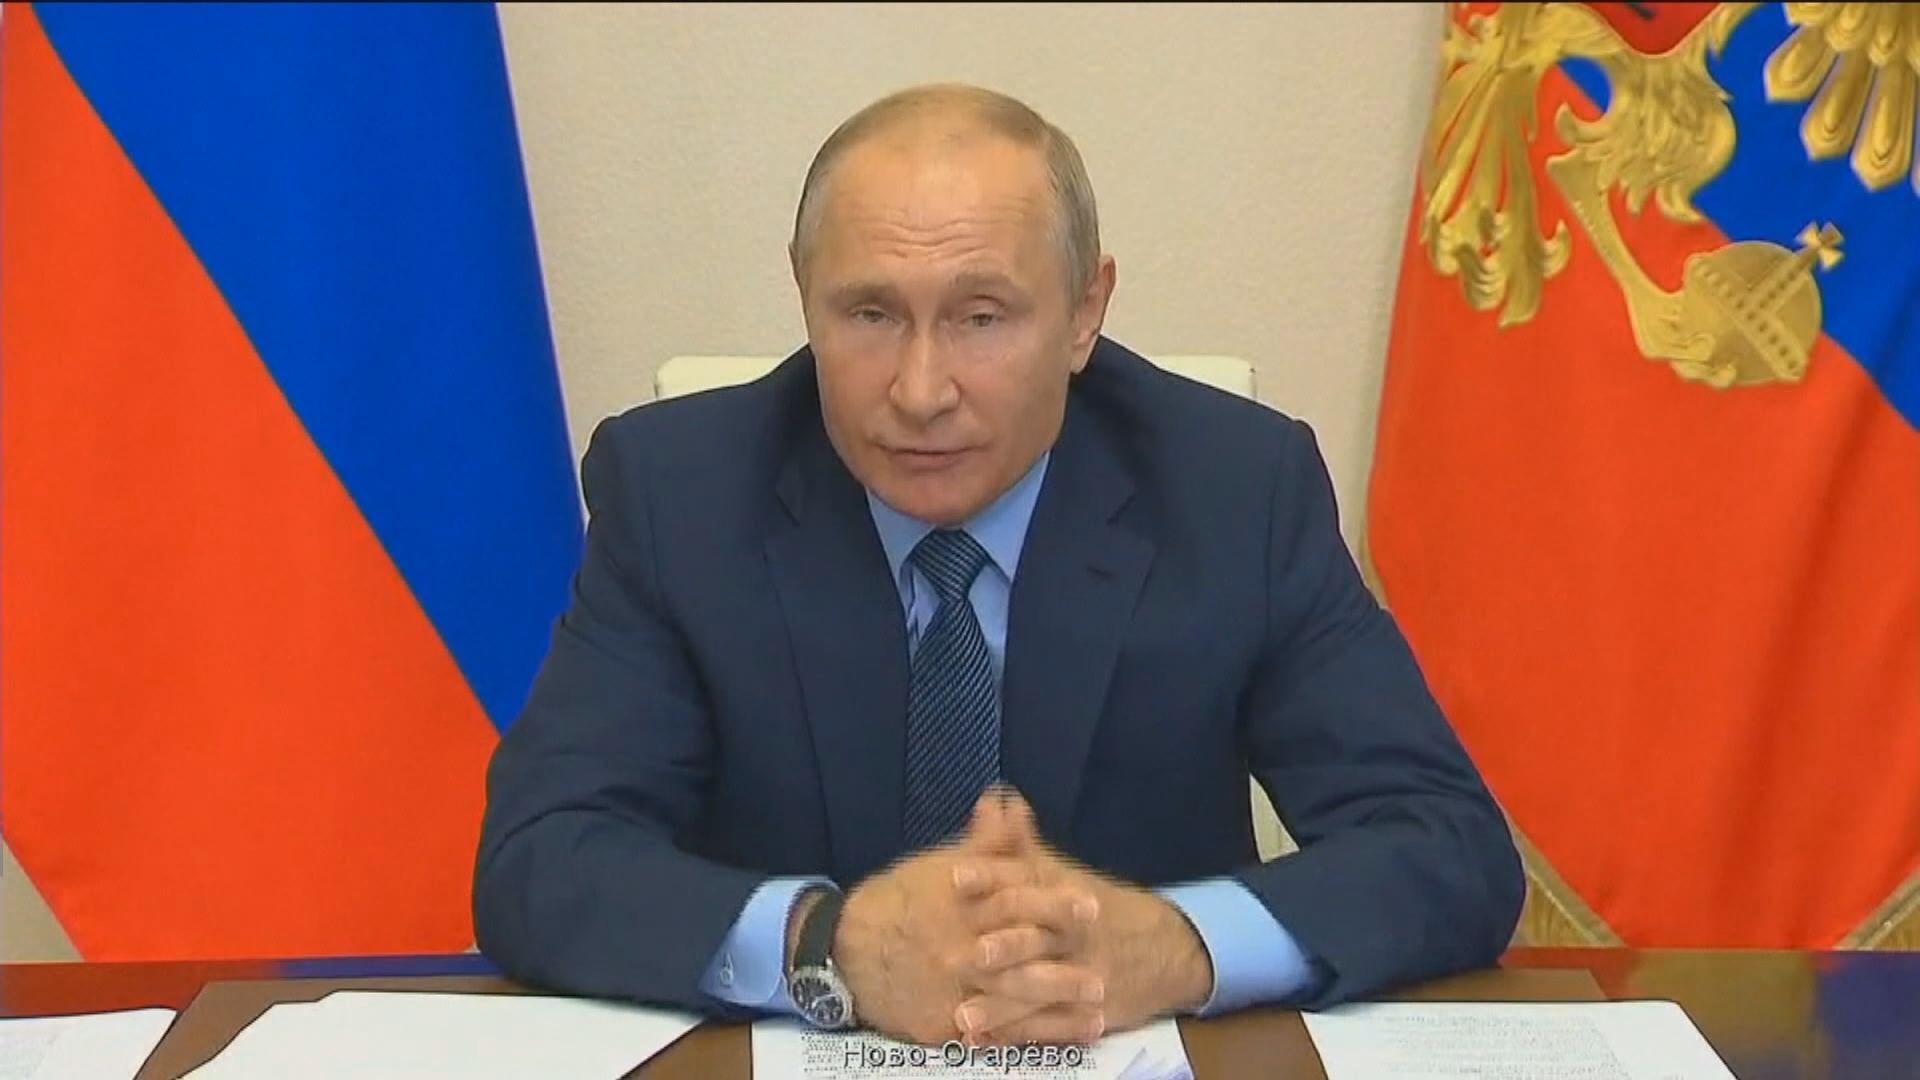 普京:若修憲公投獲通過將考慮競逐連任